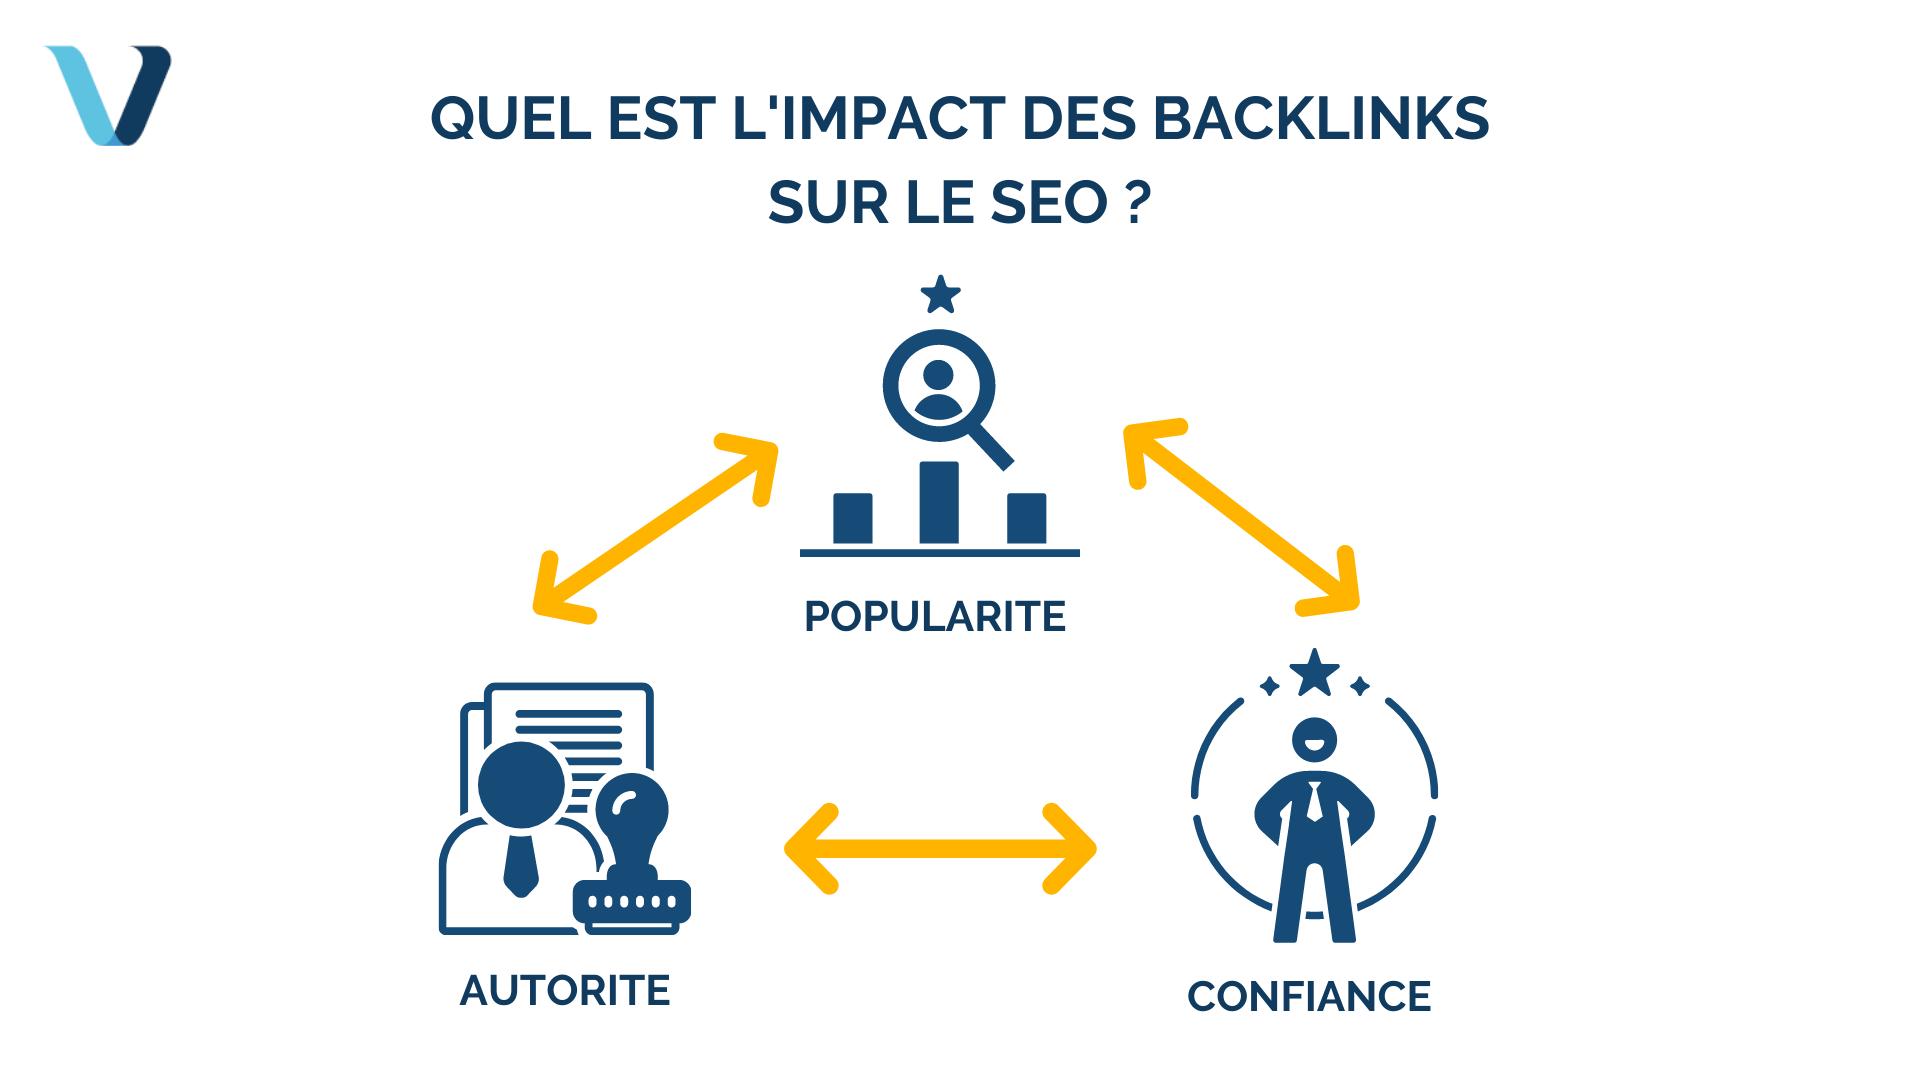 Quel est l'impact des backlinks sur le SEO ?